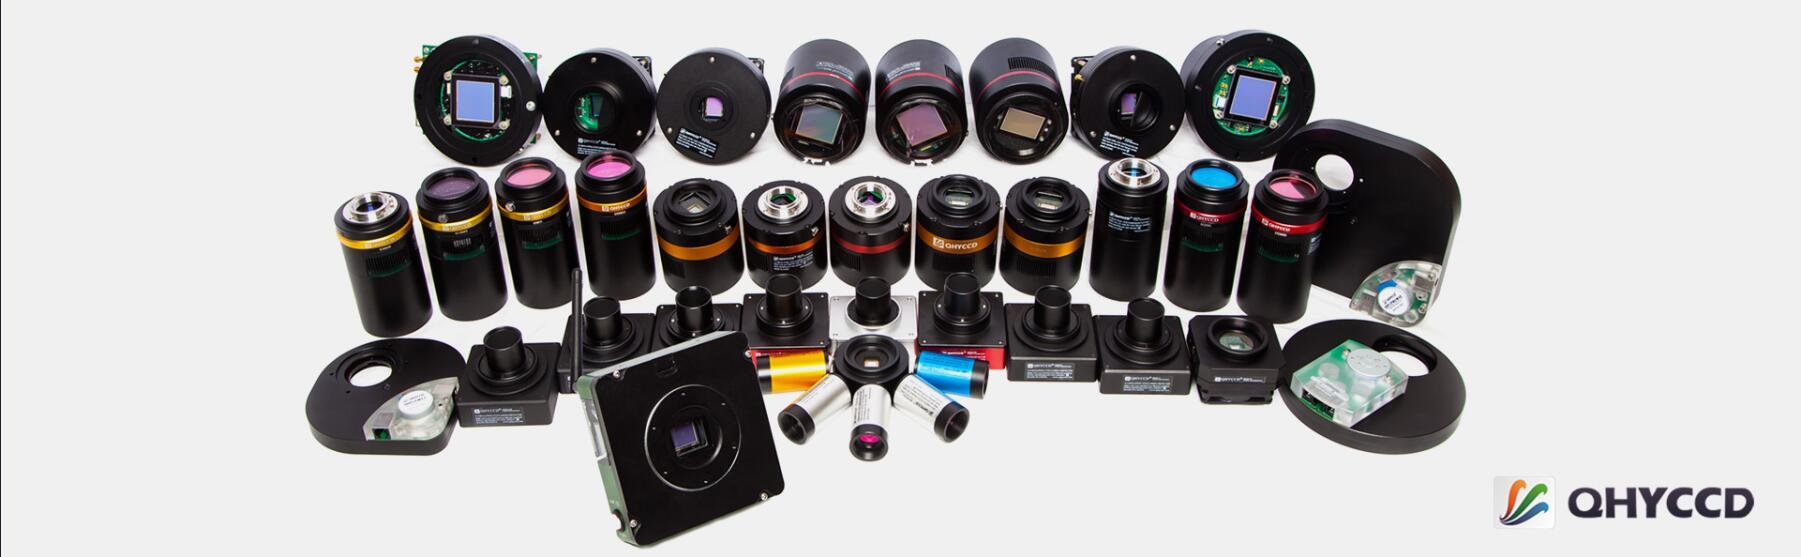 产品照片.jpg